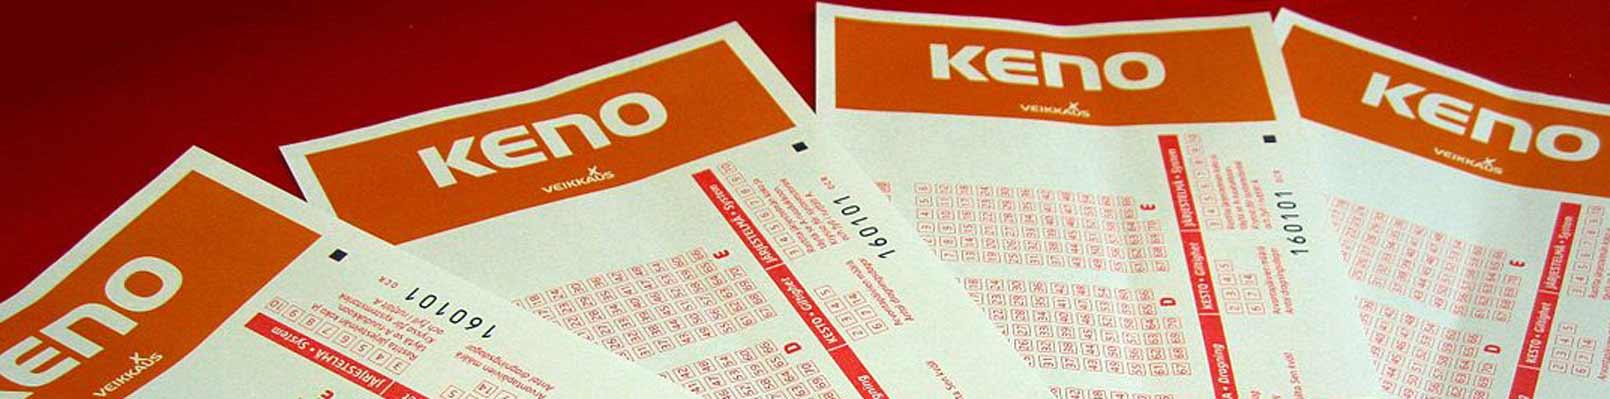 bilete loto online keno germania